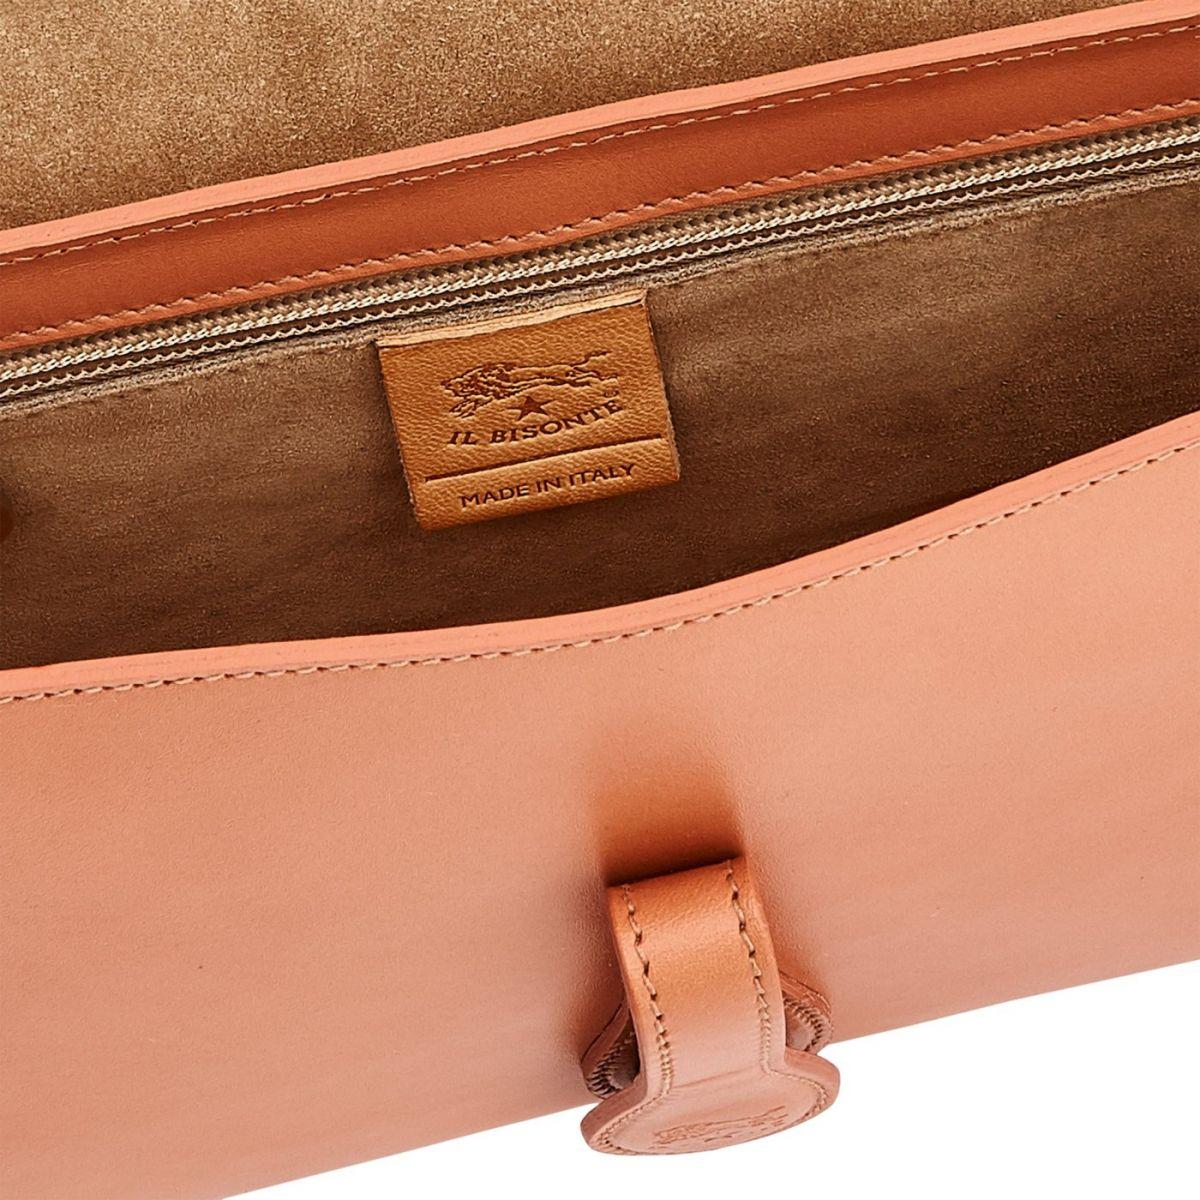 Sac Epaule pour Femme Salina en Cuir De Vachette BSH089 couleur Poivre Rose | Details